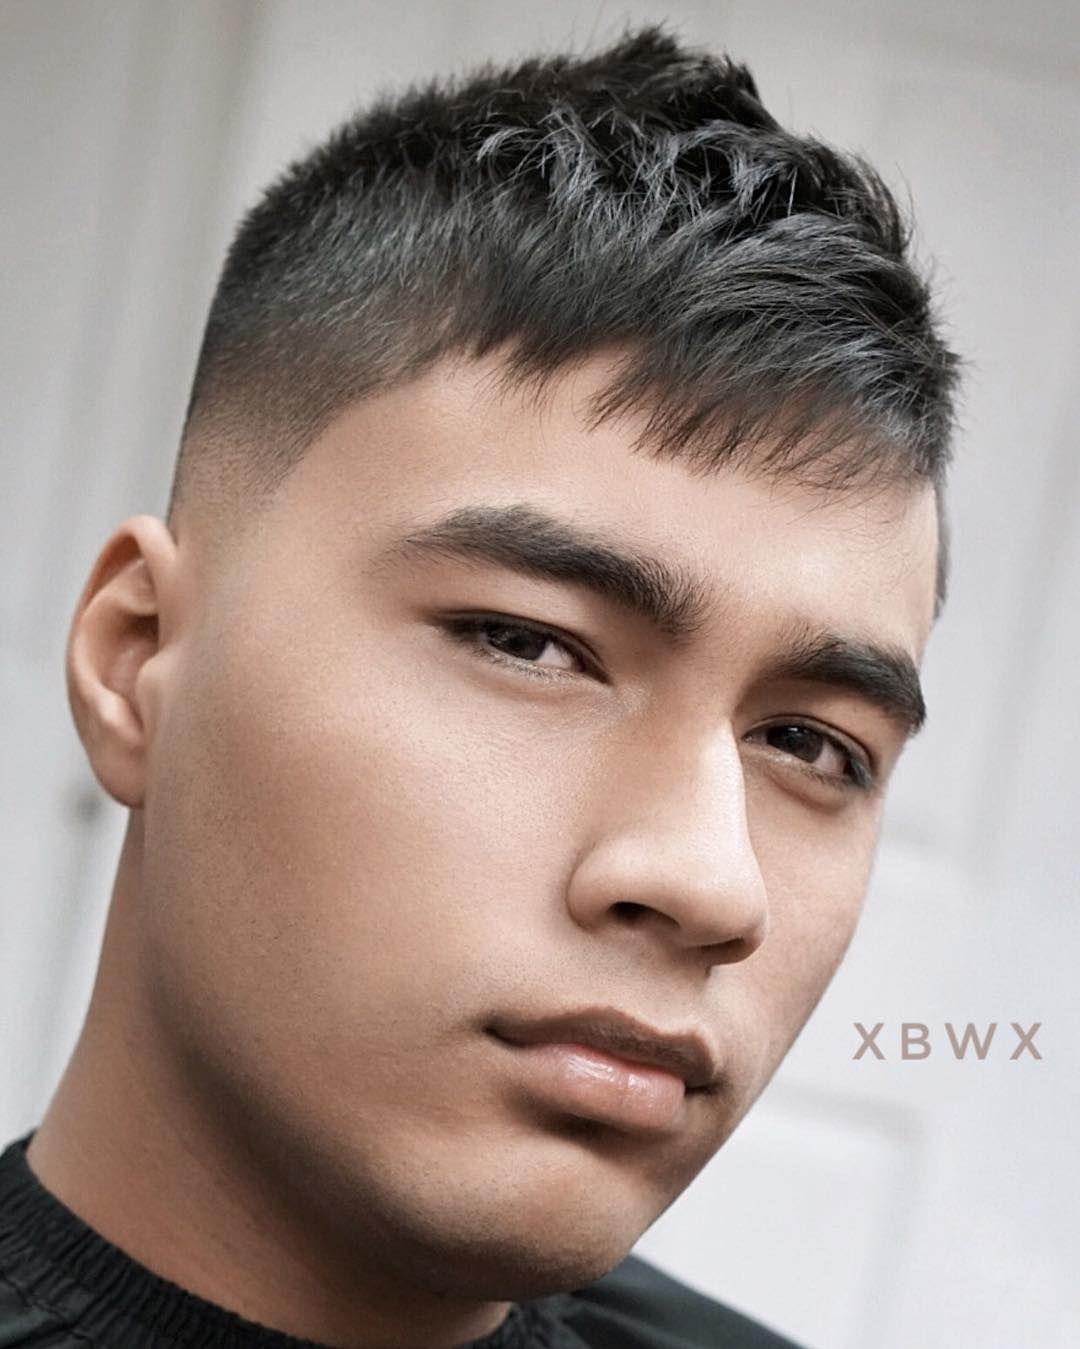 Receding Hairline Haircuts | Receding Hairline Haircuts | Hair cuts ...